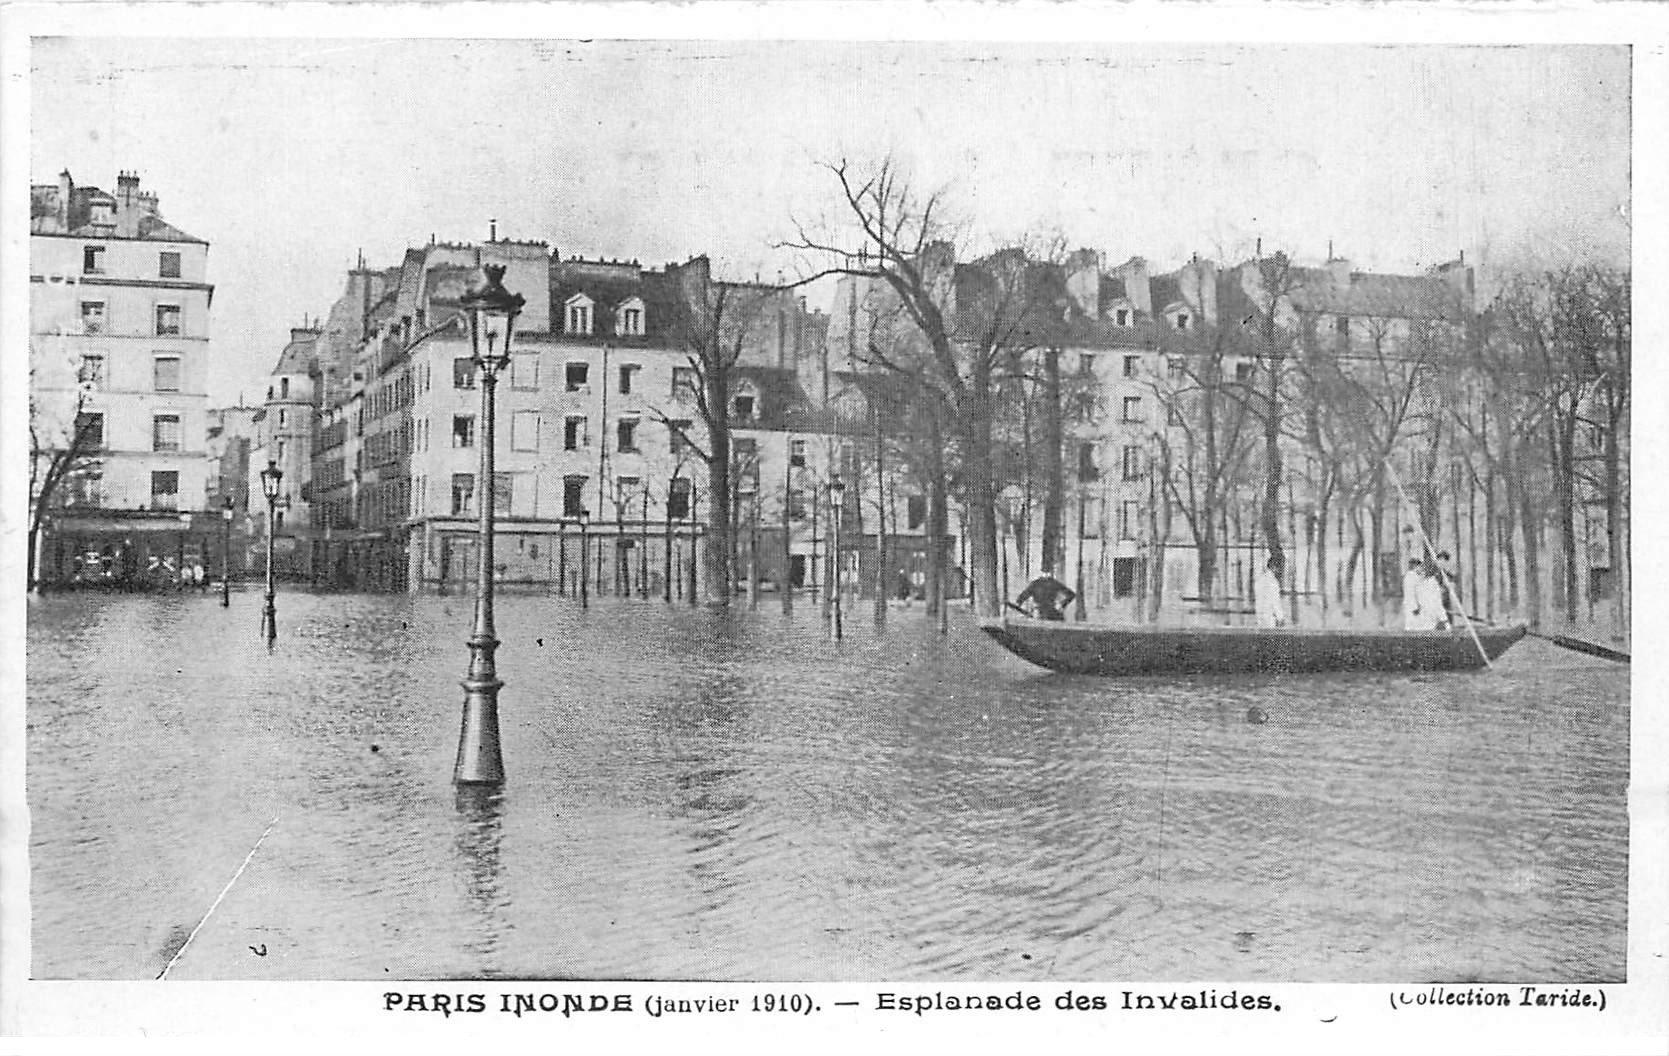 carte postale ancienne INONDATION DE PARIS 1910. Esplanade Invalides. Collection Taride